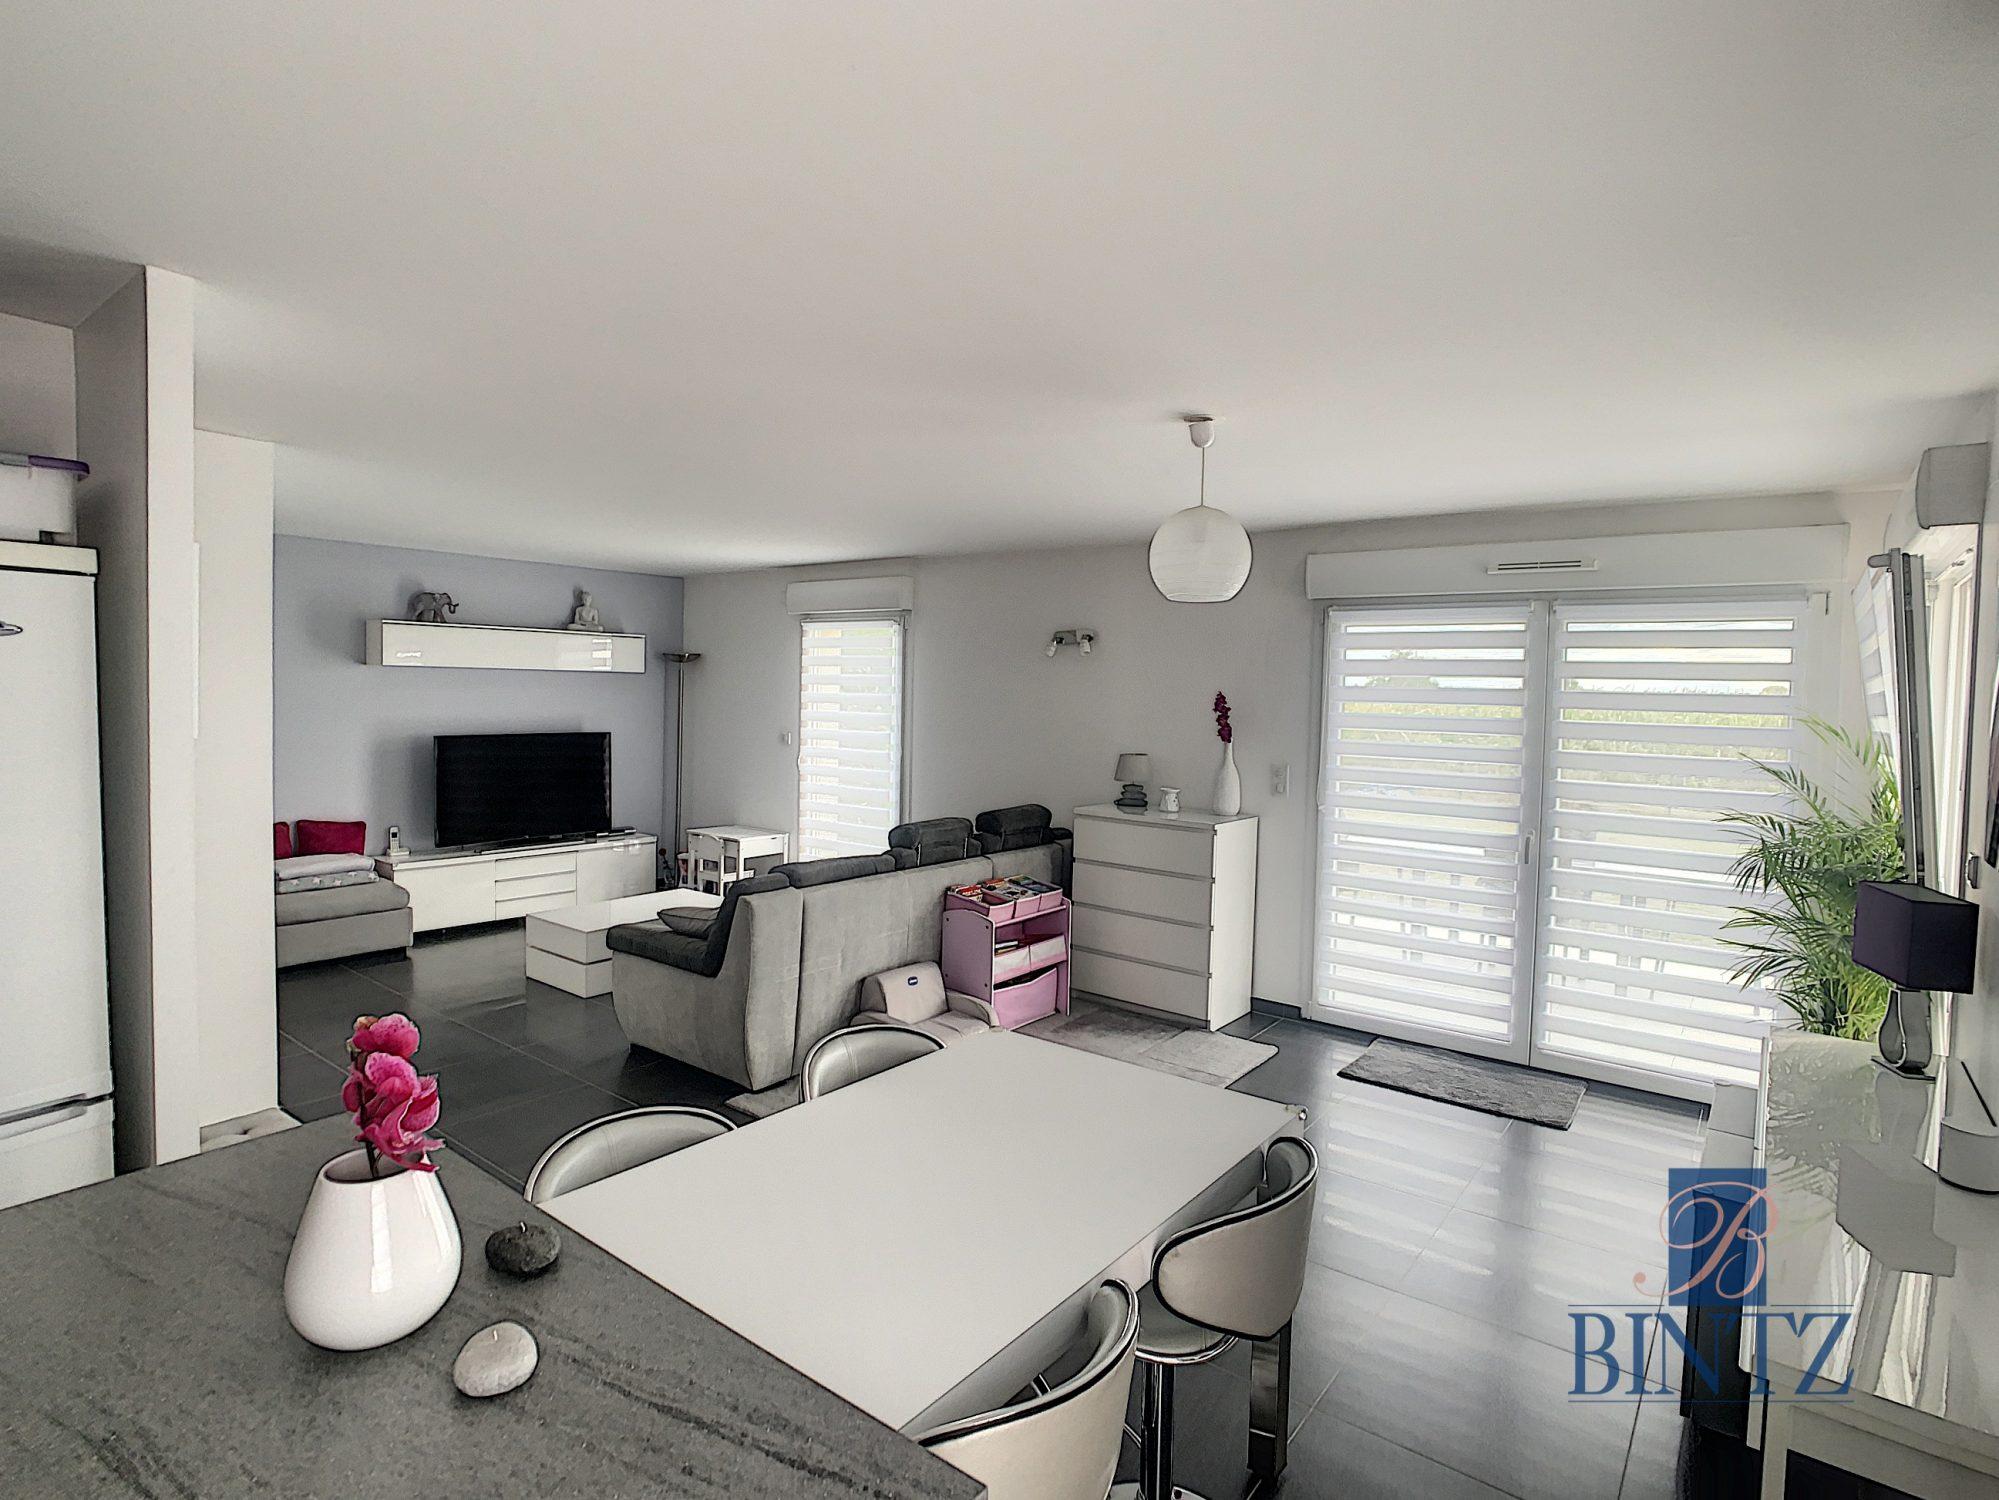 Appartement 4 pièces Duplex rez-de-jardin - Devenez propriétaire en toute confiance - Bintz Immobilier - 4